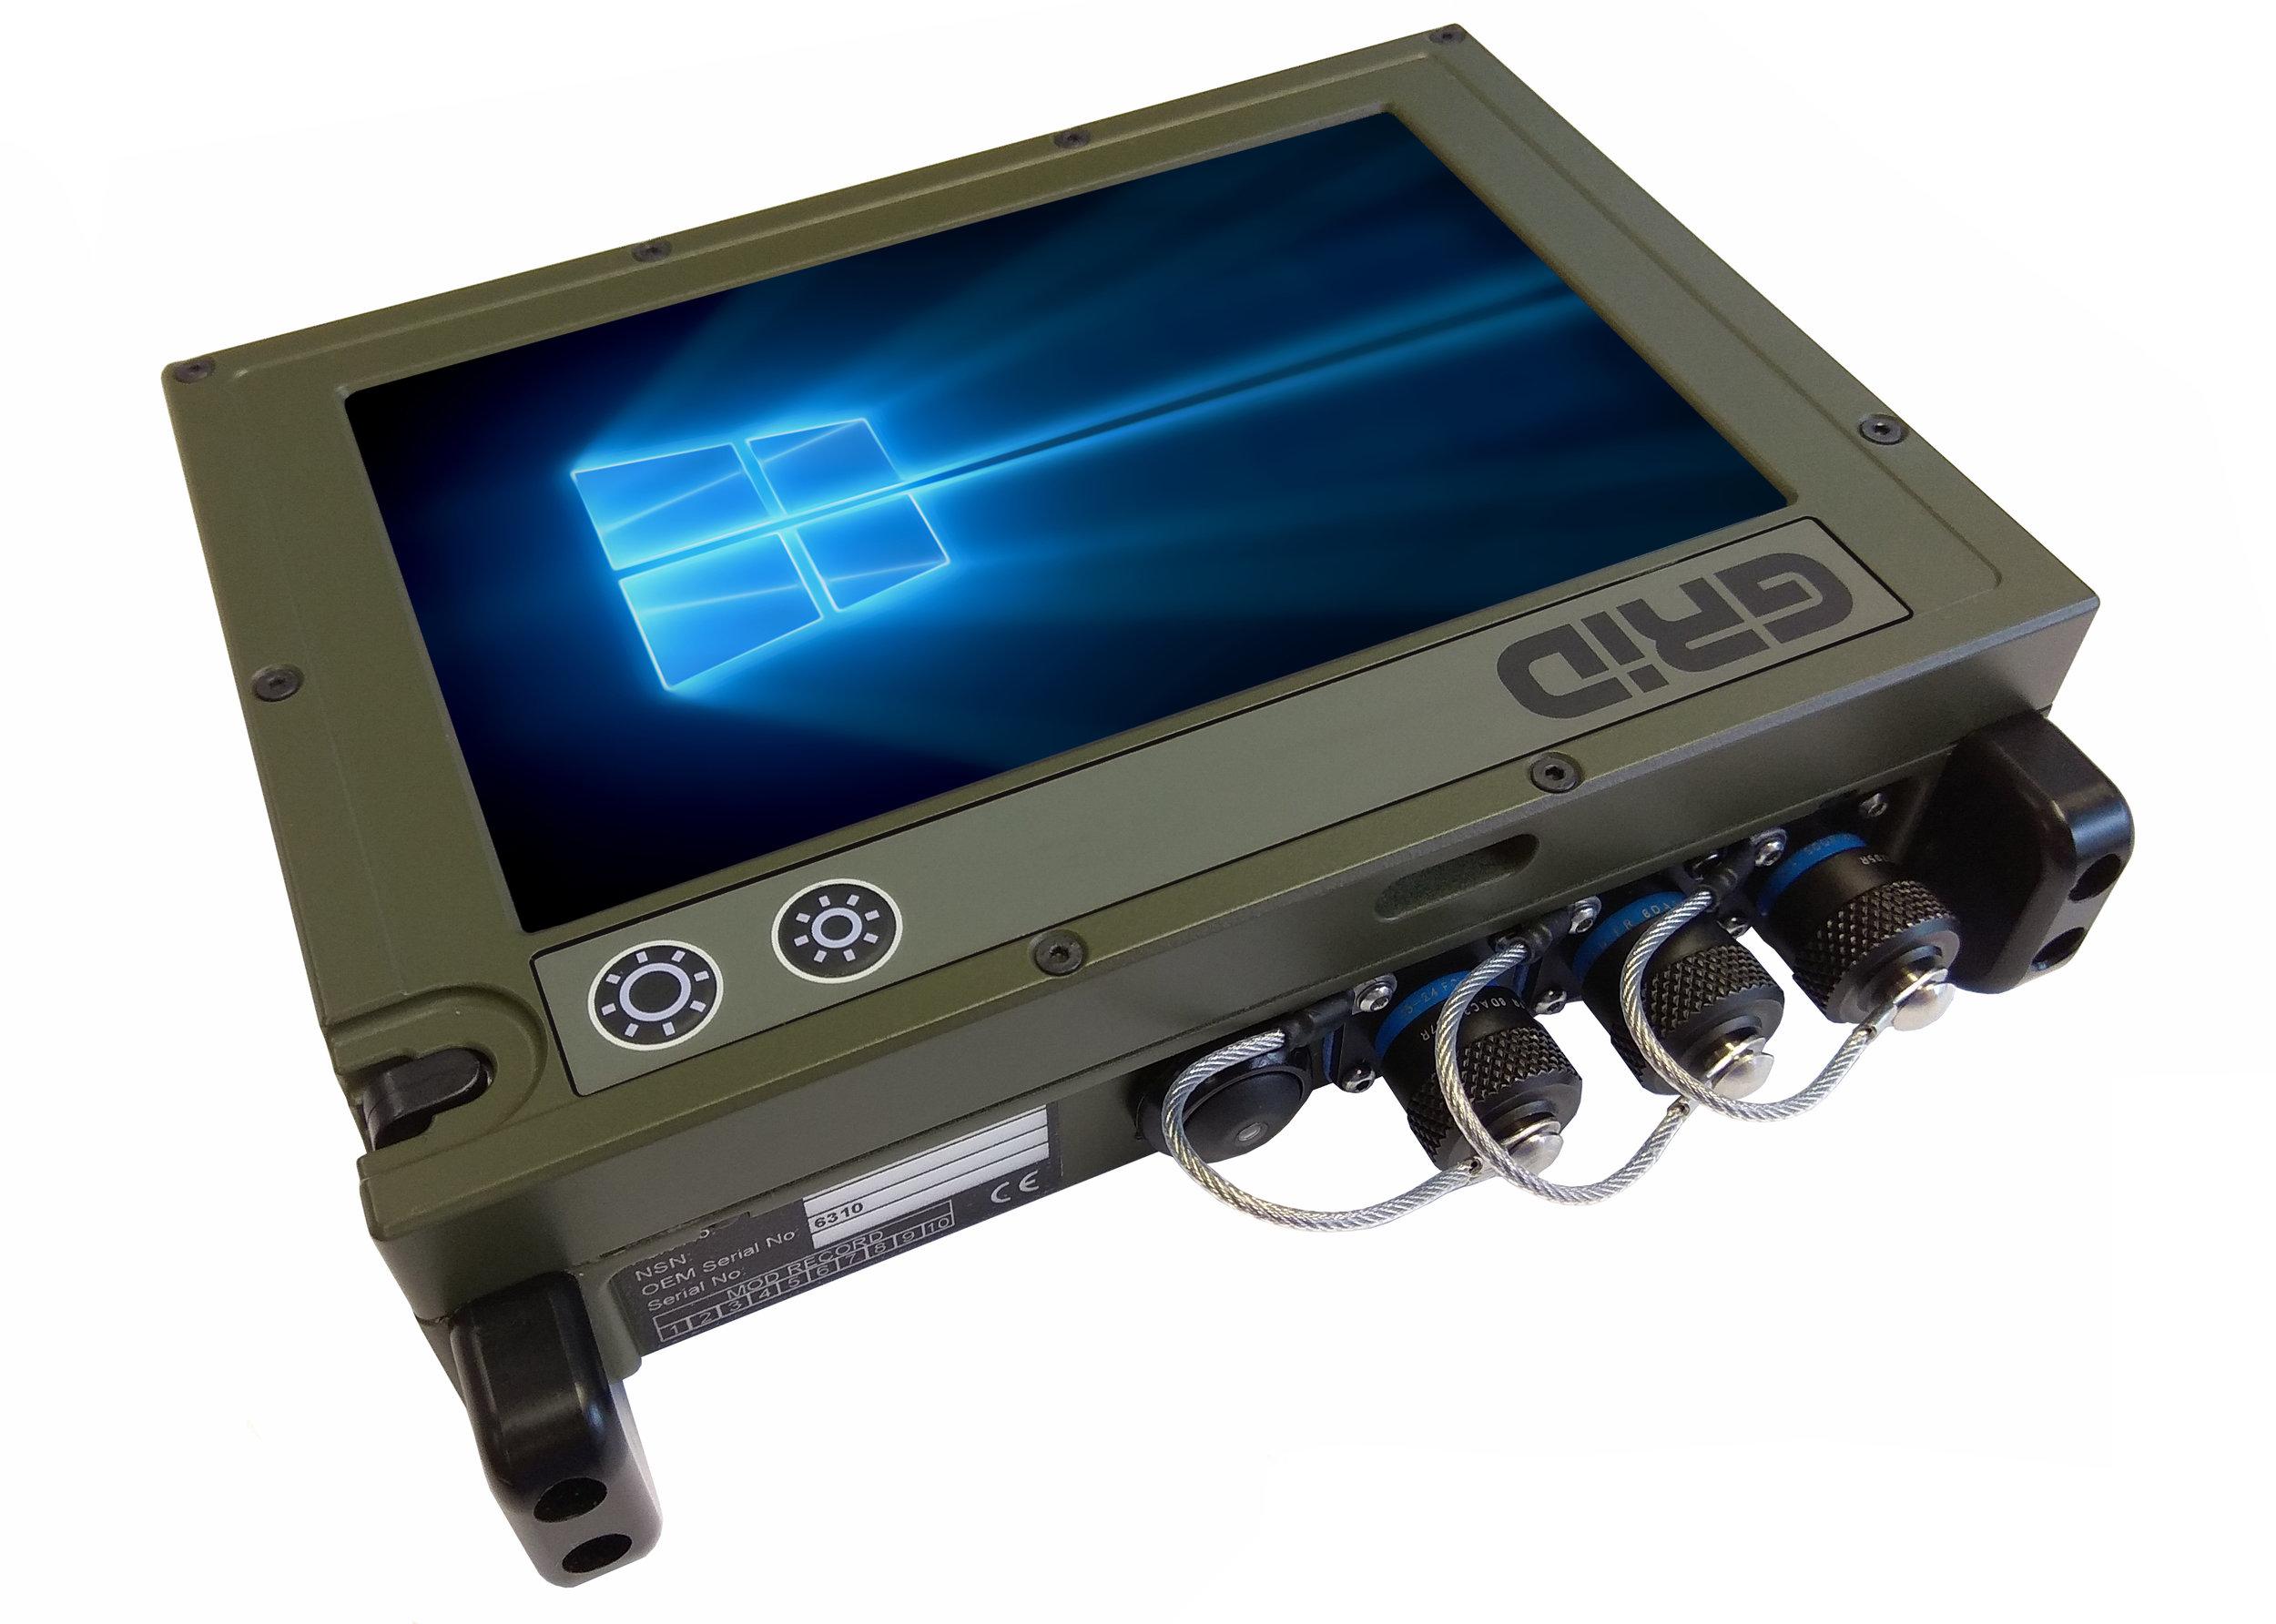 GRiDCASE 2510 Tablet Image 3.jpg